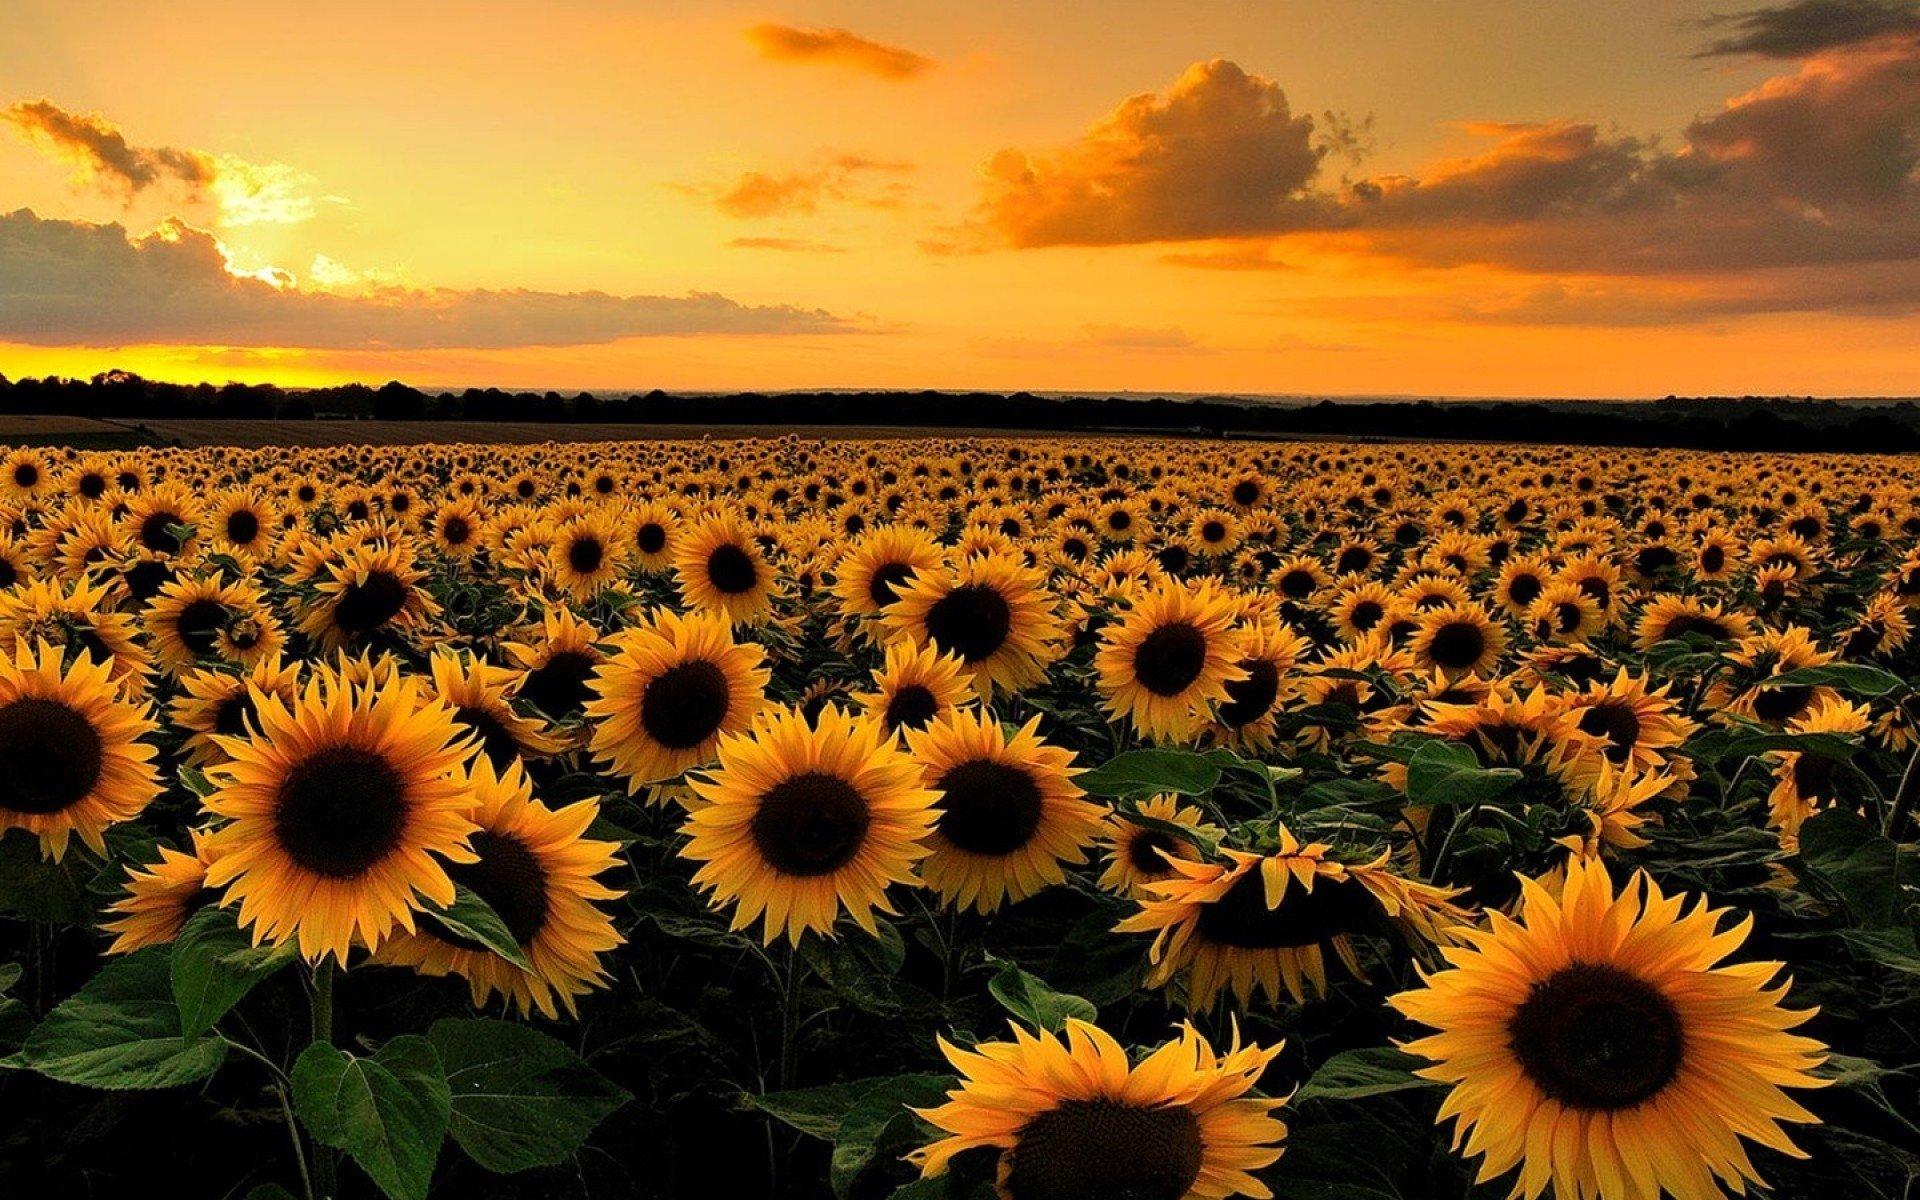 Fall Sunflower Desktop Wallpaper Sunflower Field At Sunset Full Hd Wallpaper And Background